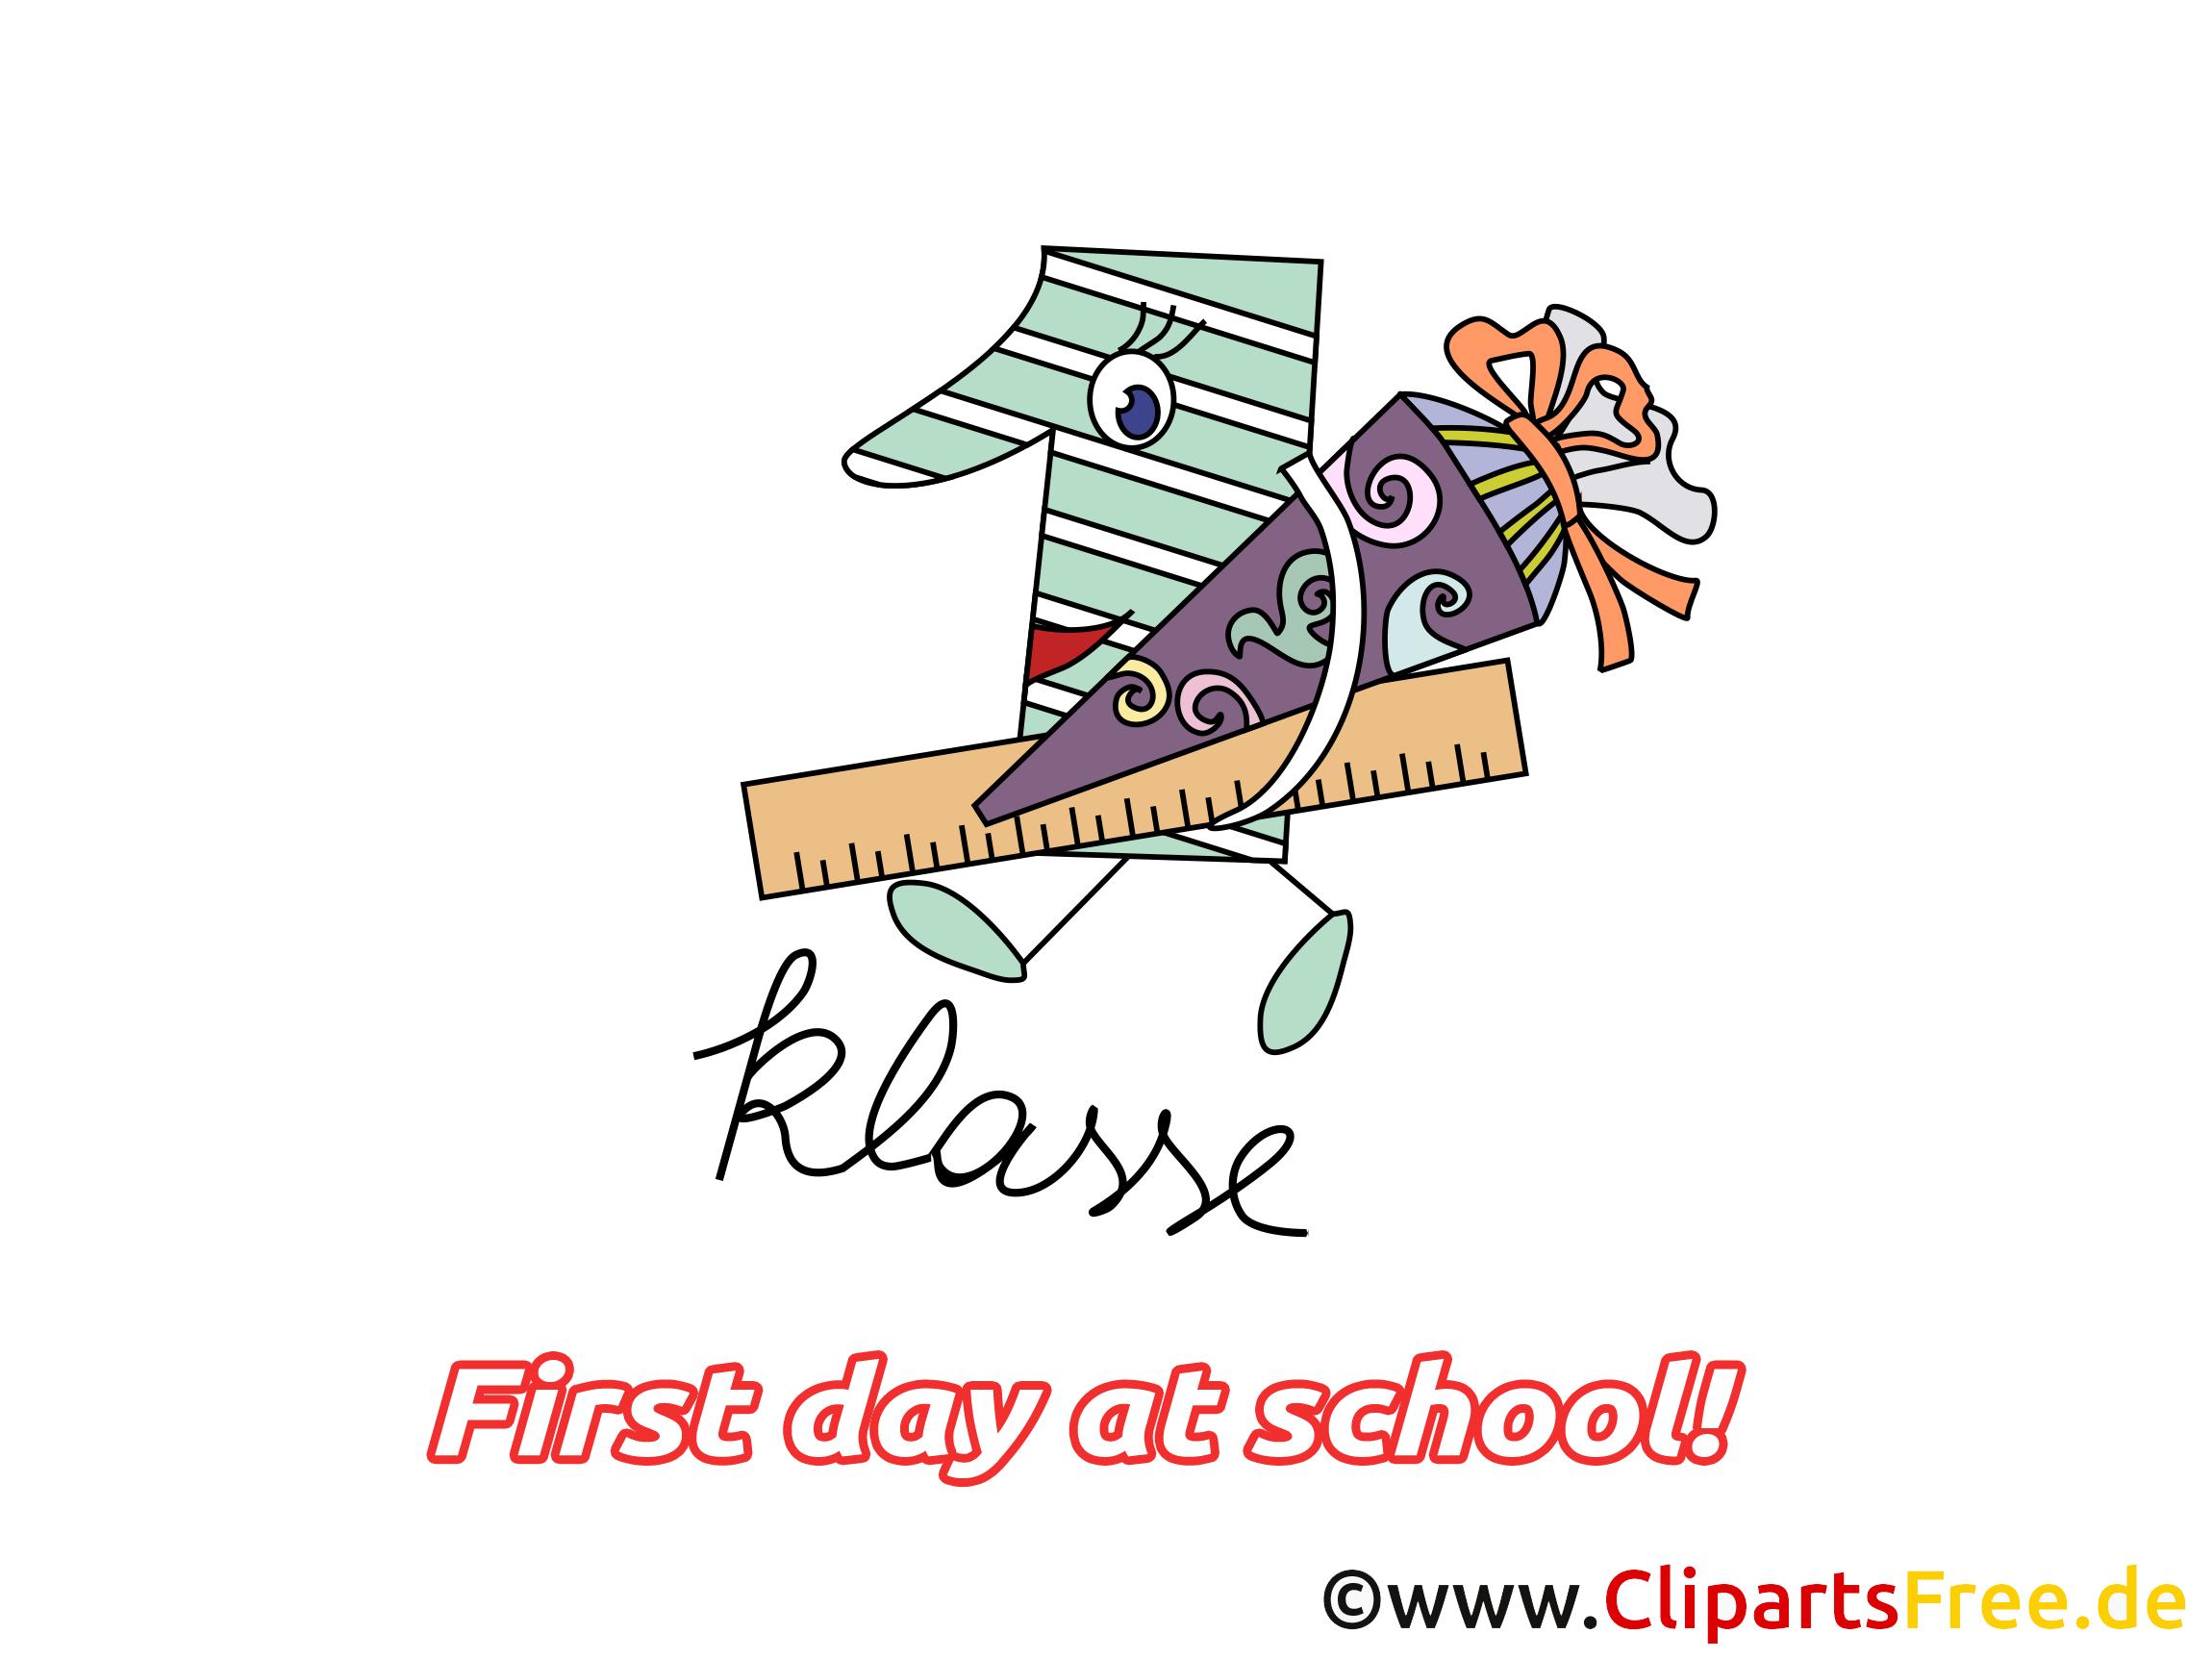 Premier jour d'école illustration – Début école images